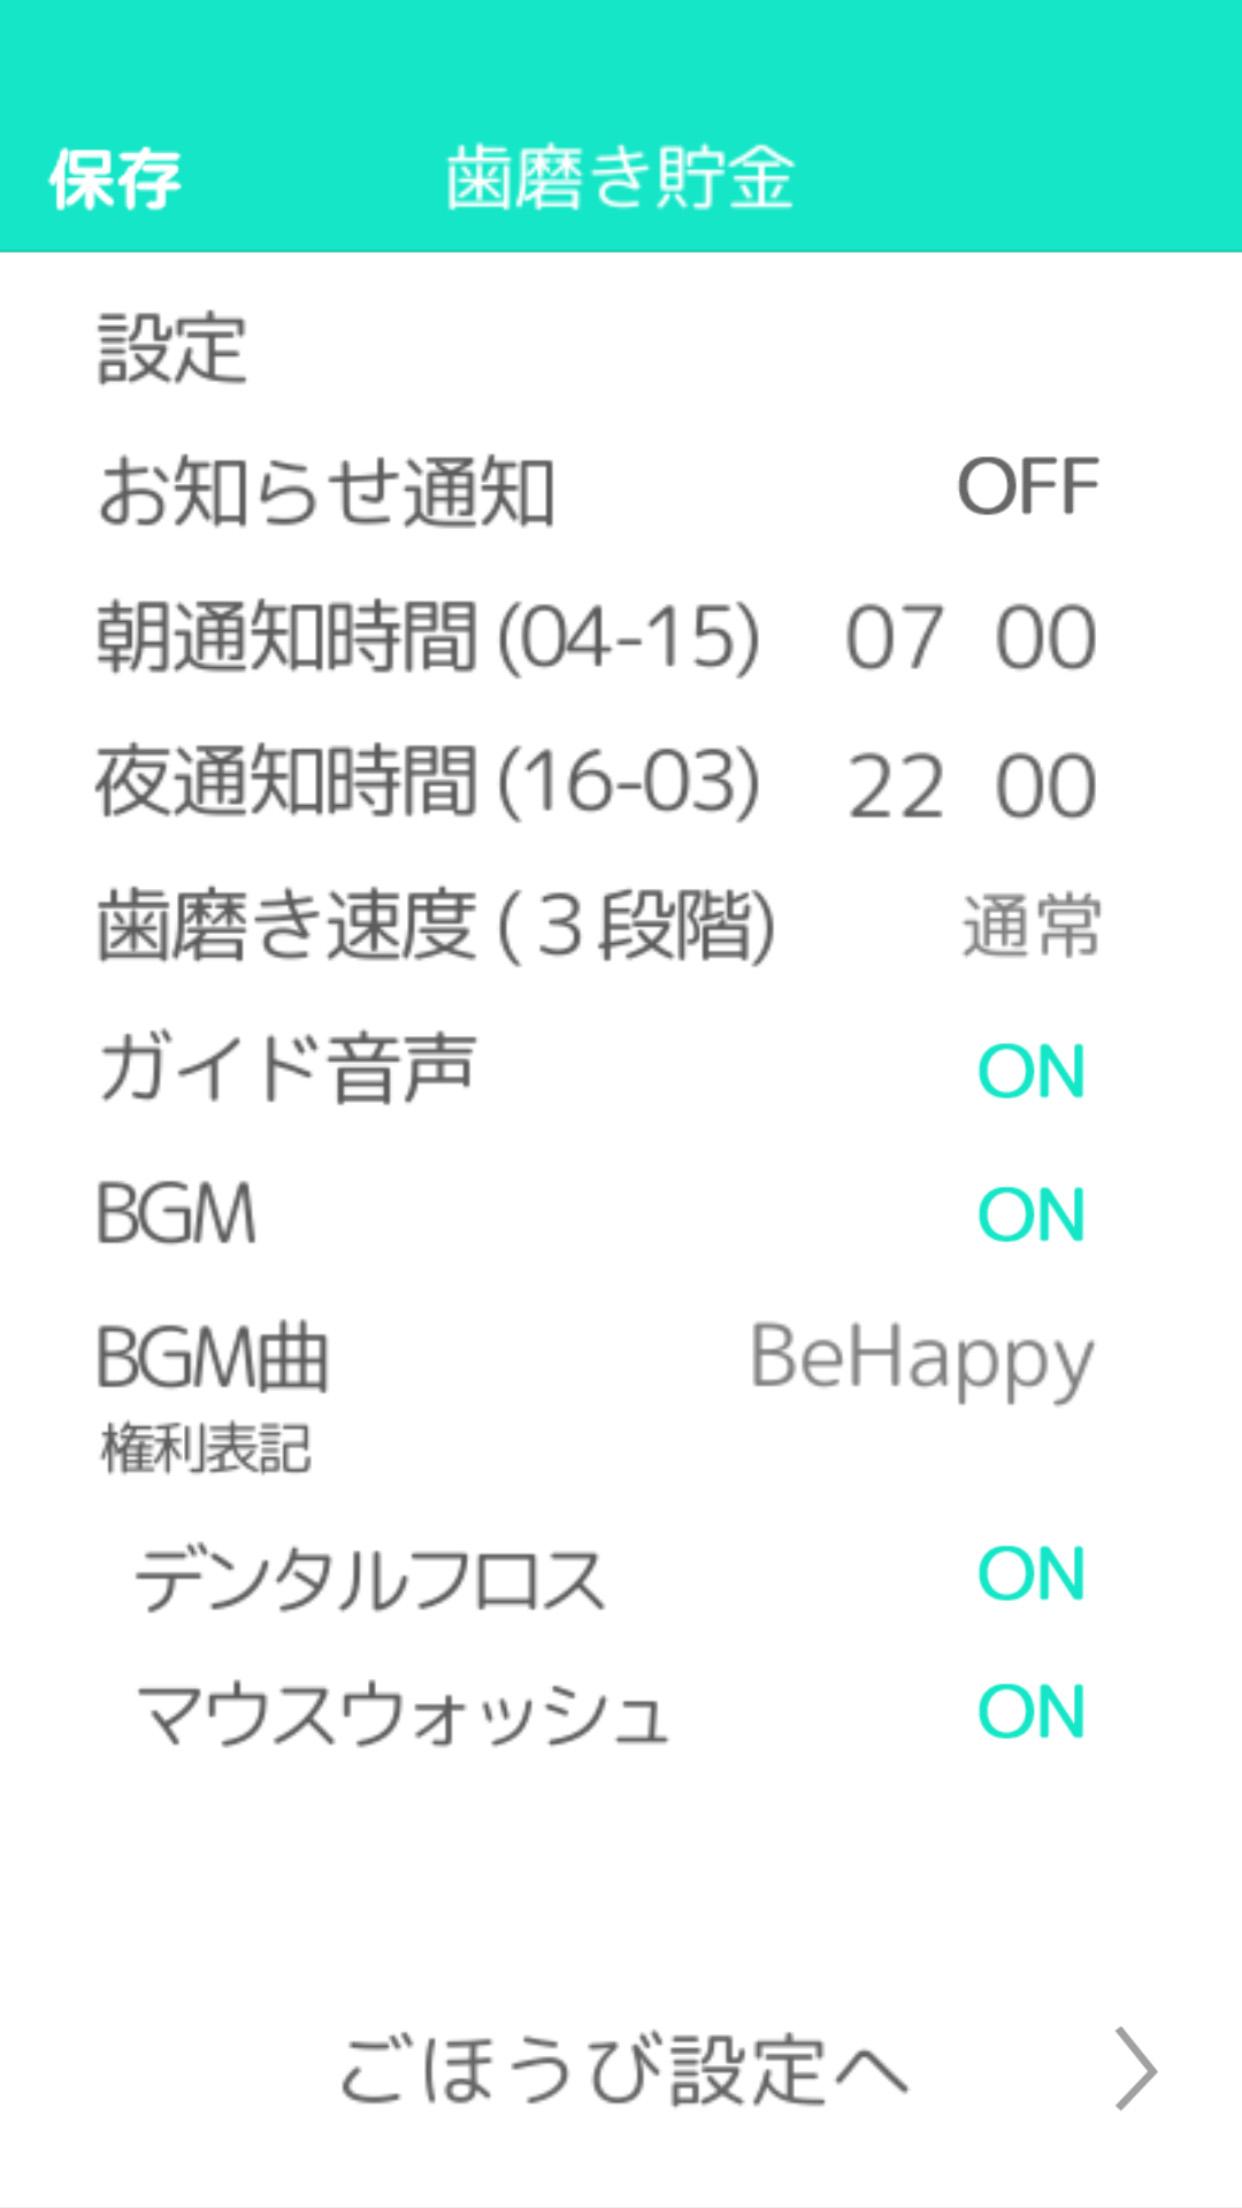 歯磨きアプリ/歯磨き貯金5